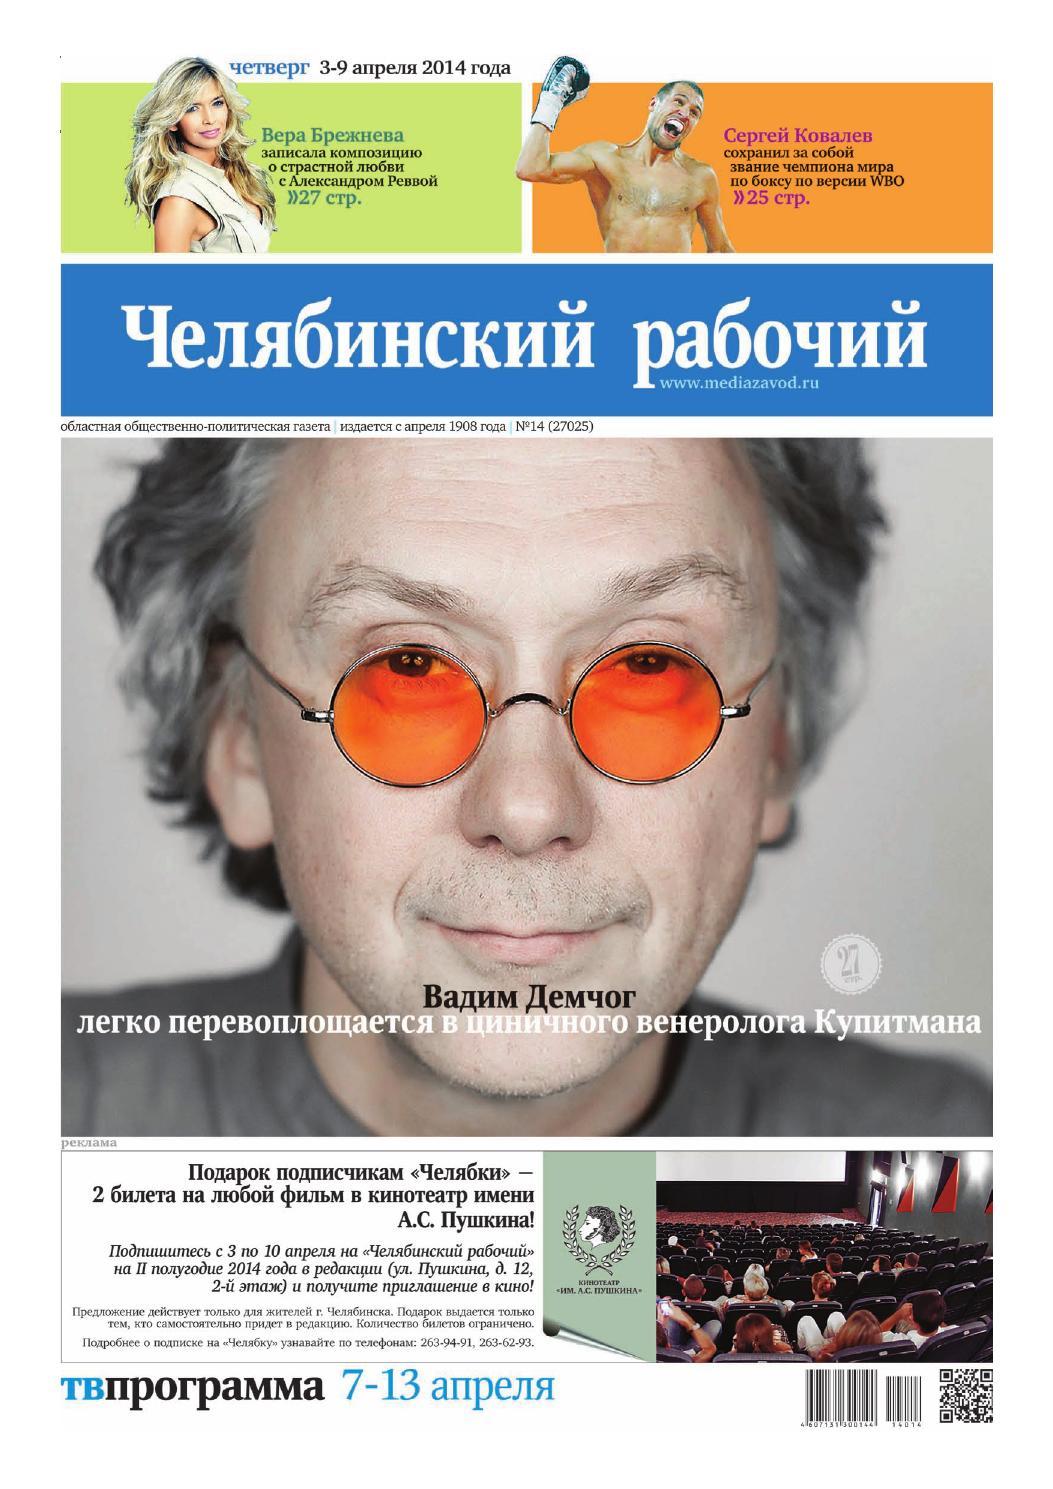 челябинский рабочий By Mediazavod Issuu